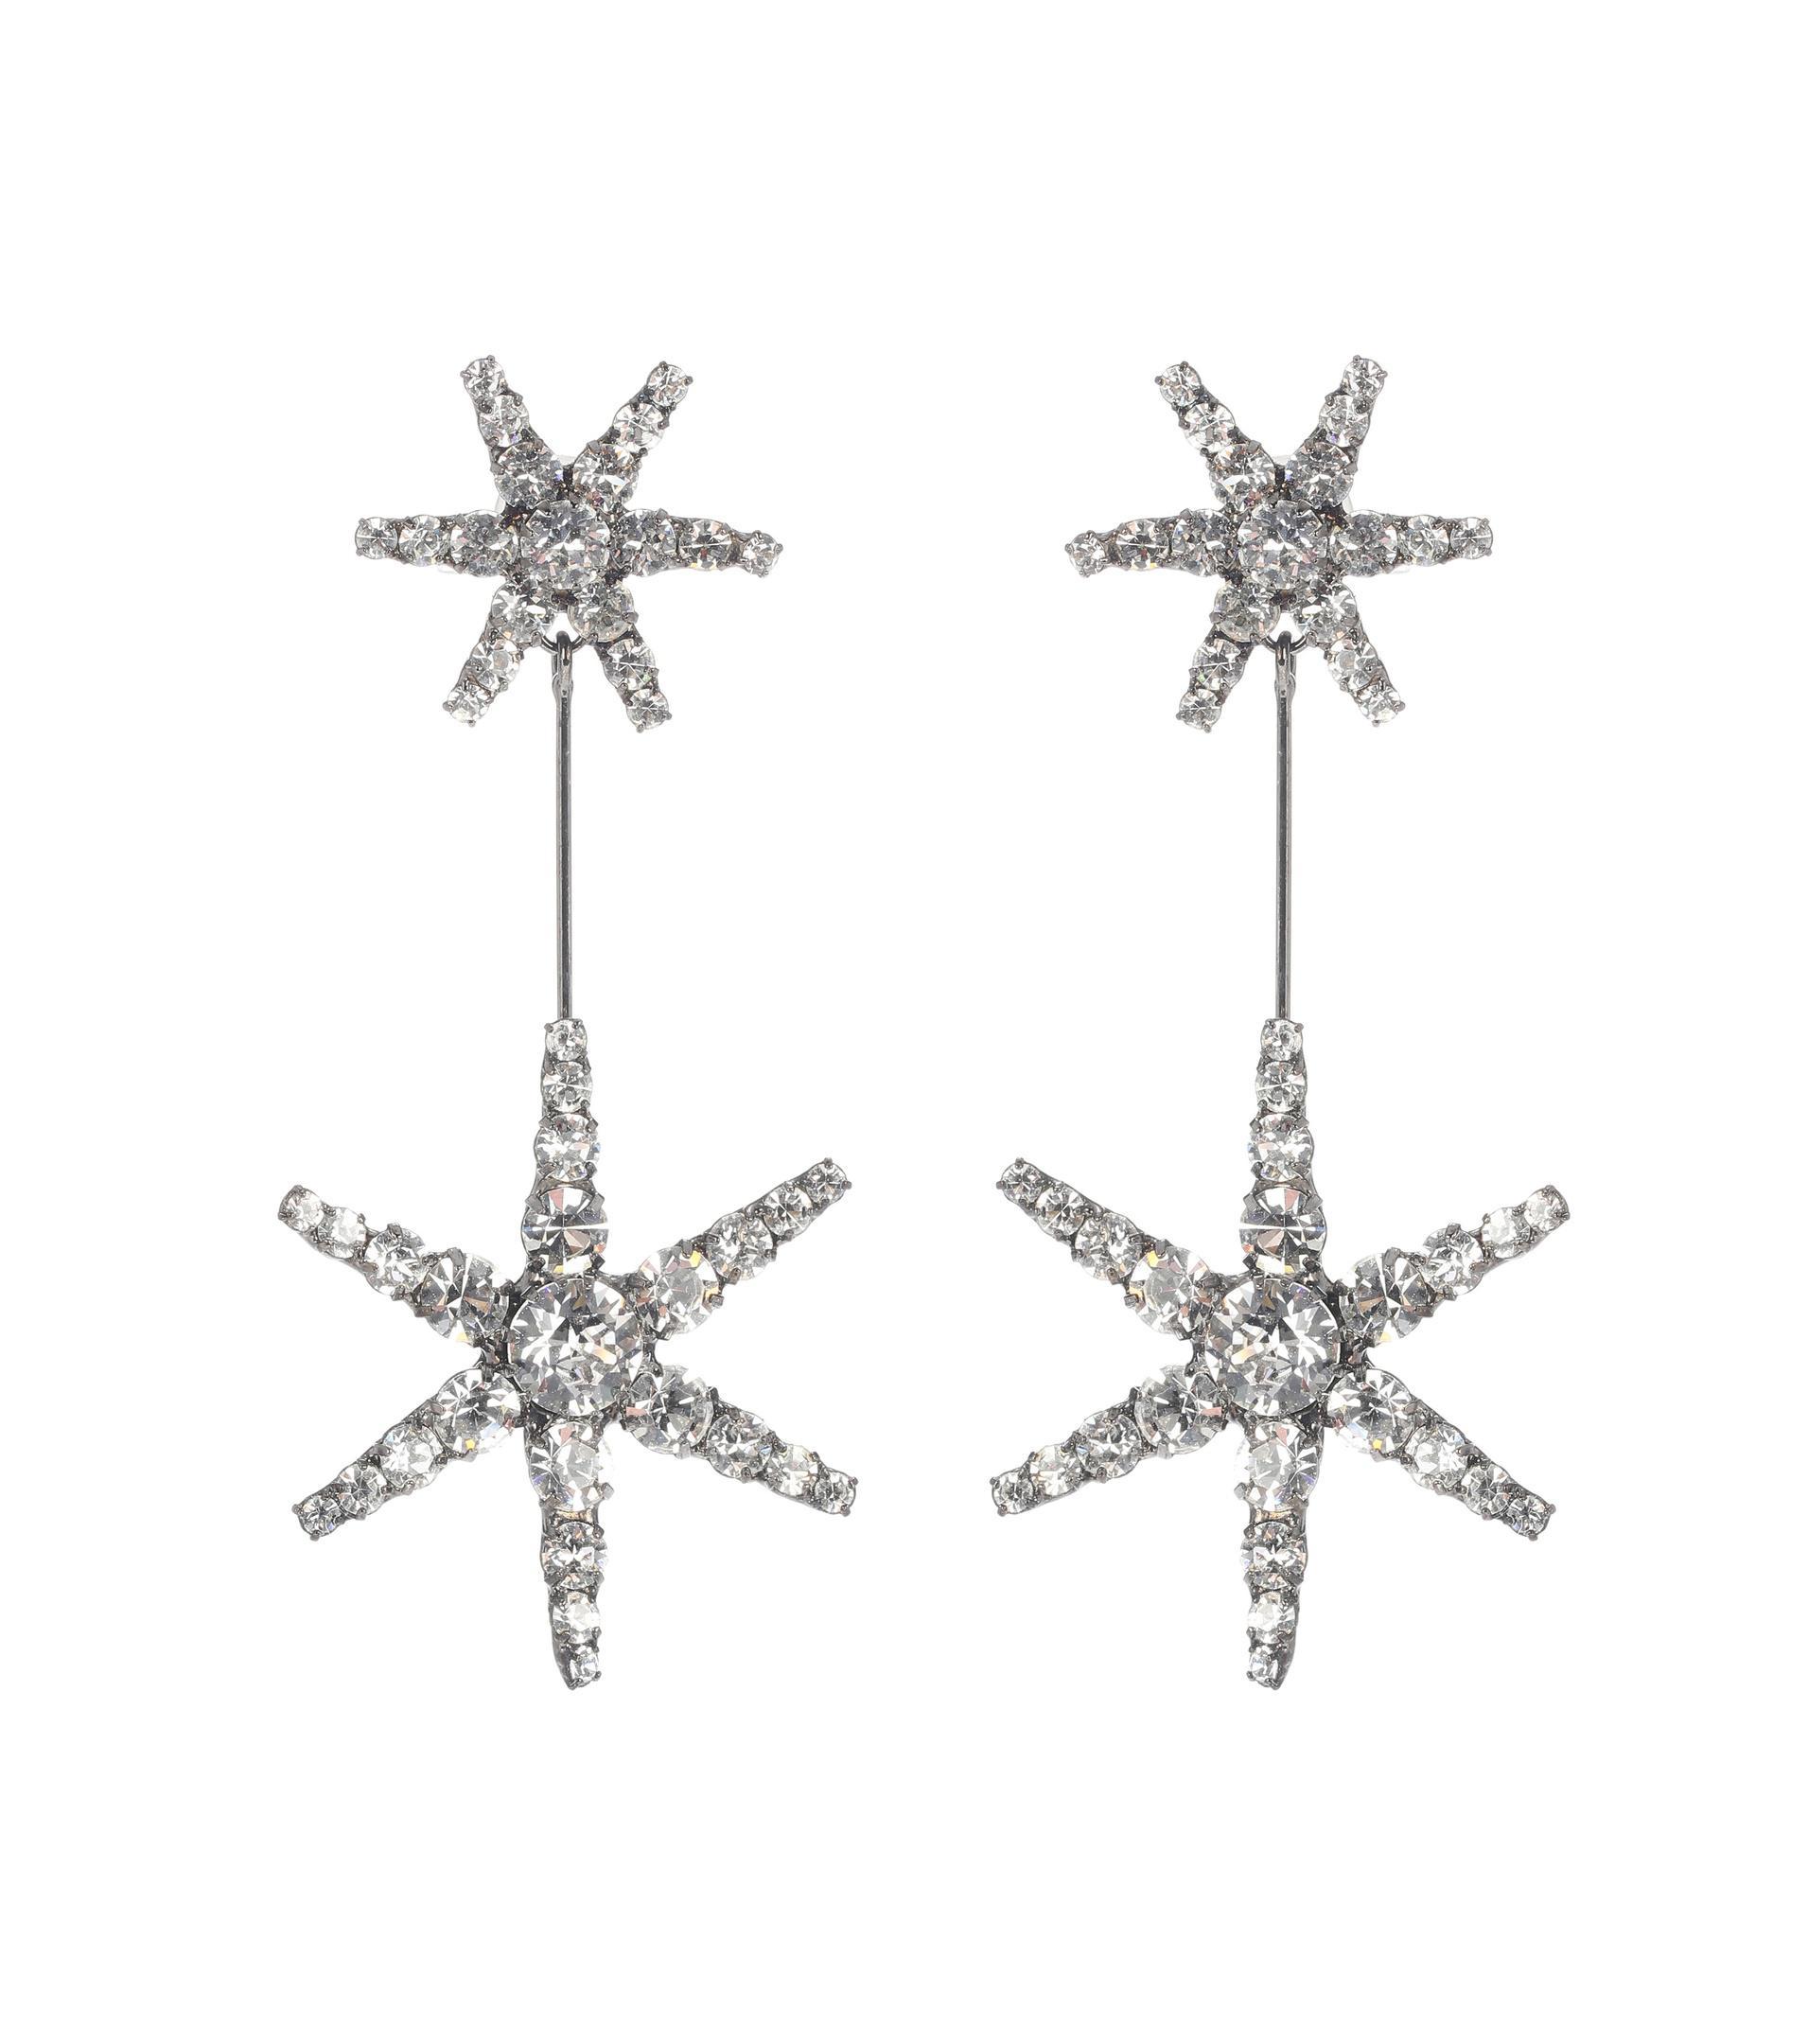 Starburst crystal earrings Jennifer Behr tfhiE